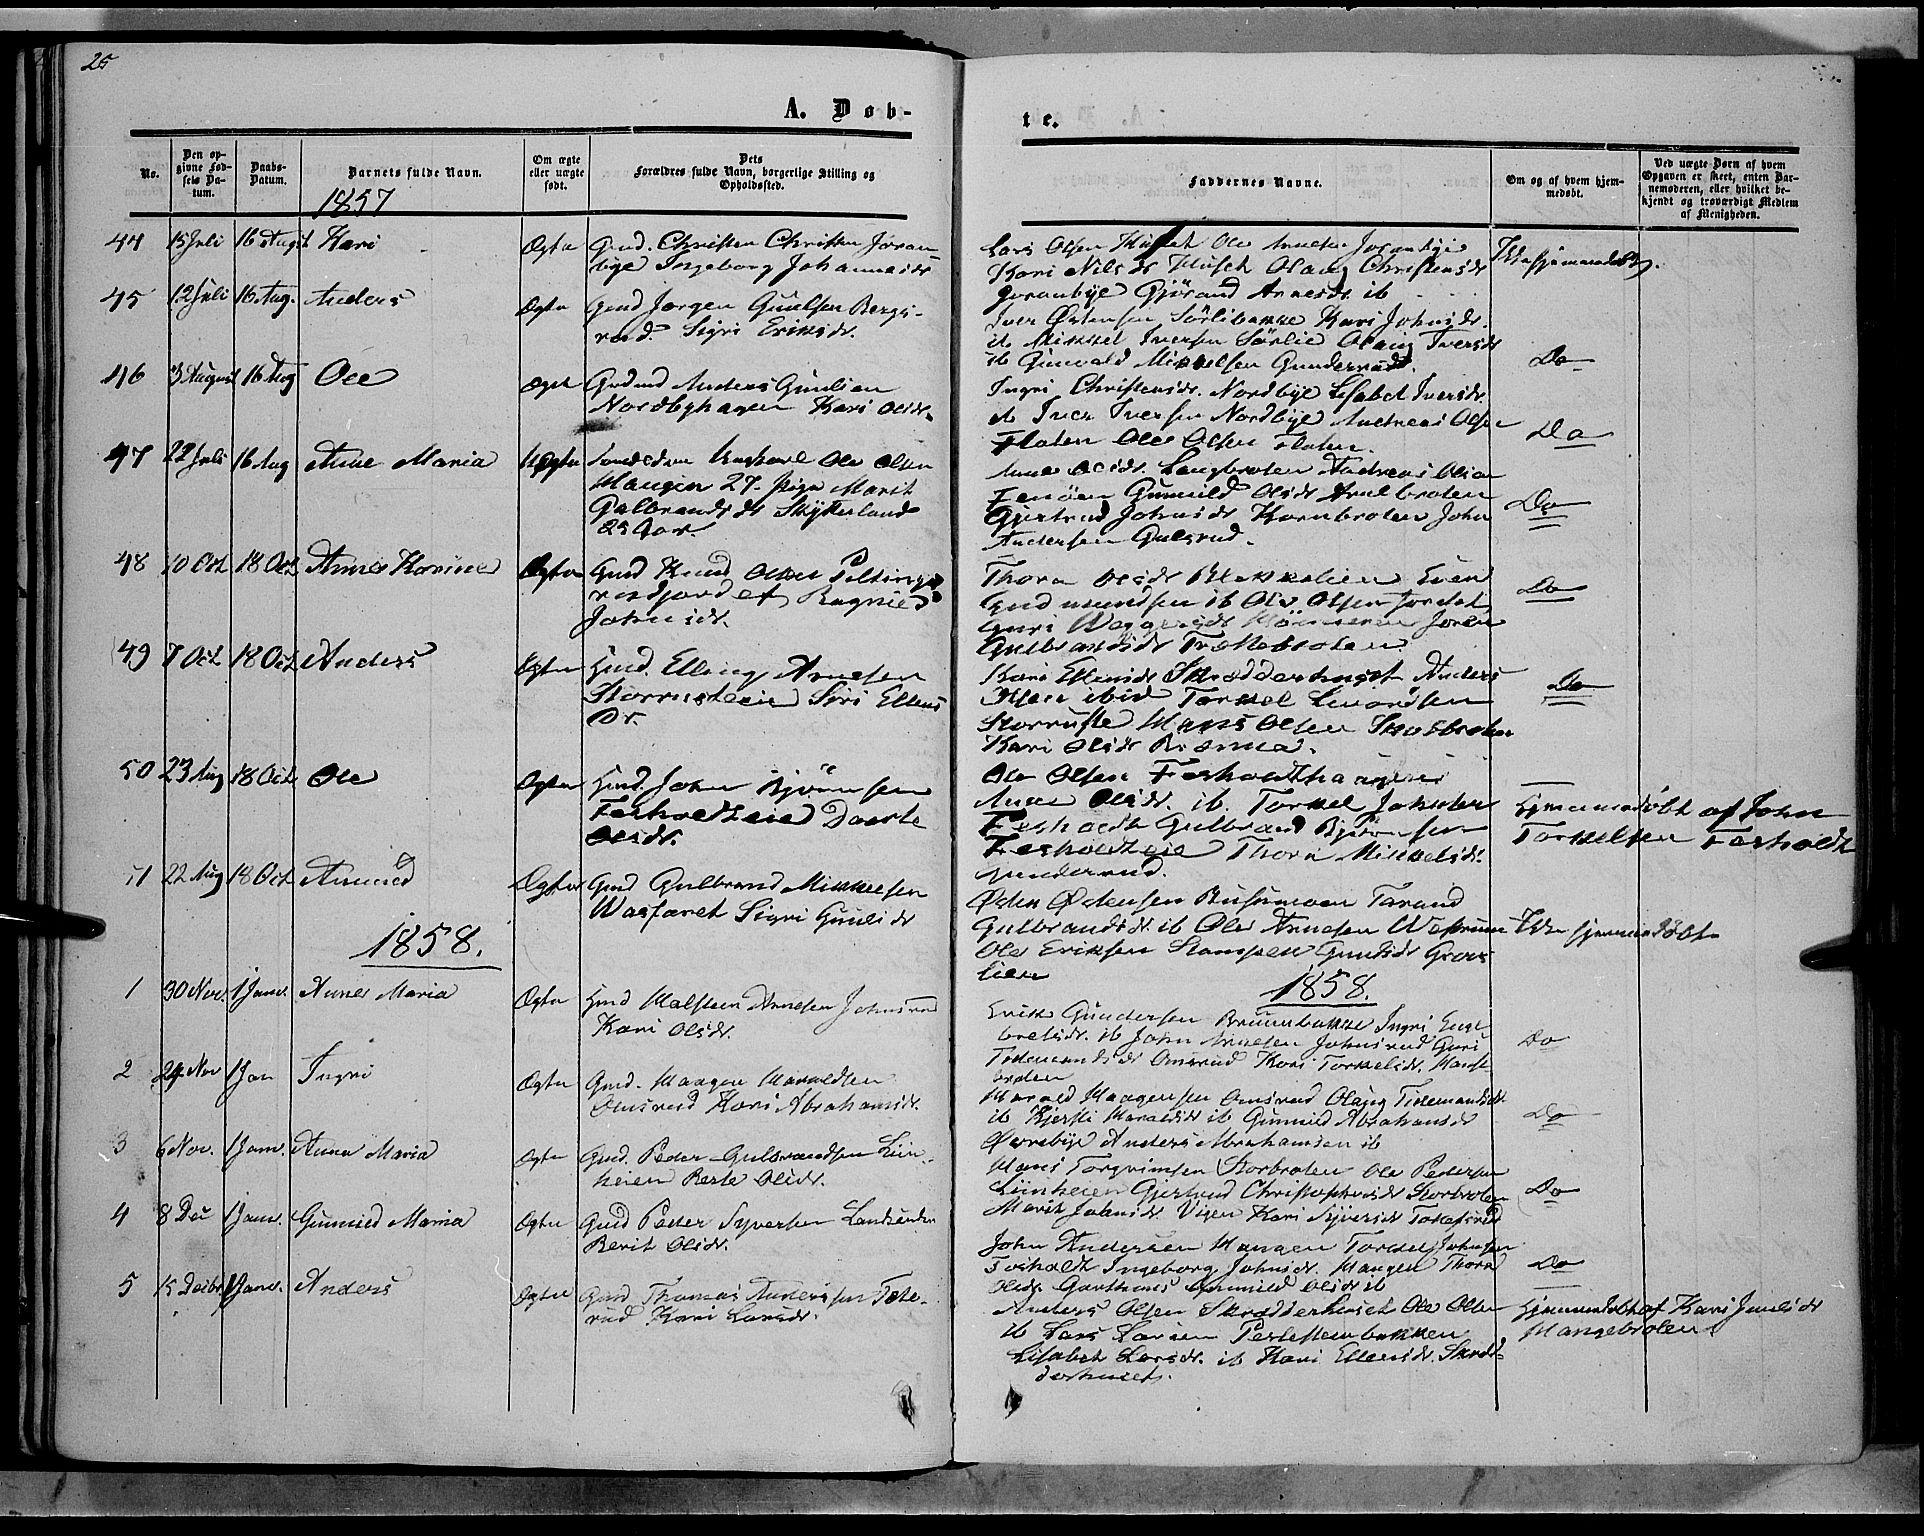 SAH, Sør-Aurdal prestekontor, Ministerialbok nr. 7, 1849-1876, s. 25